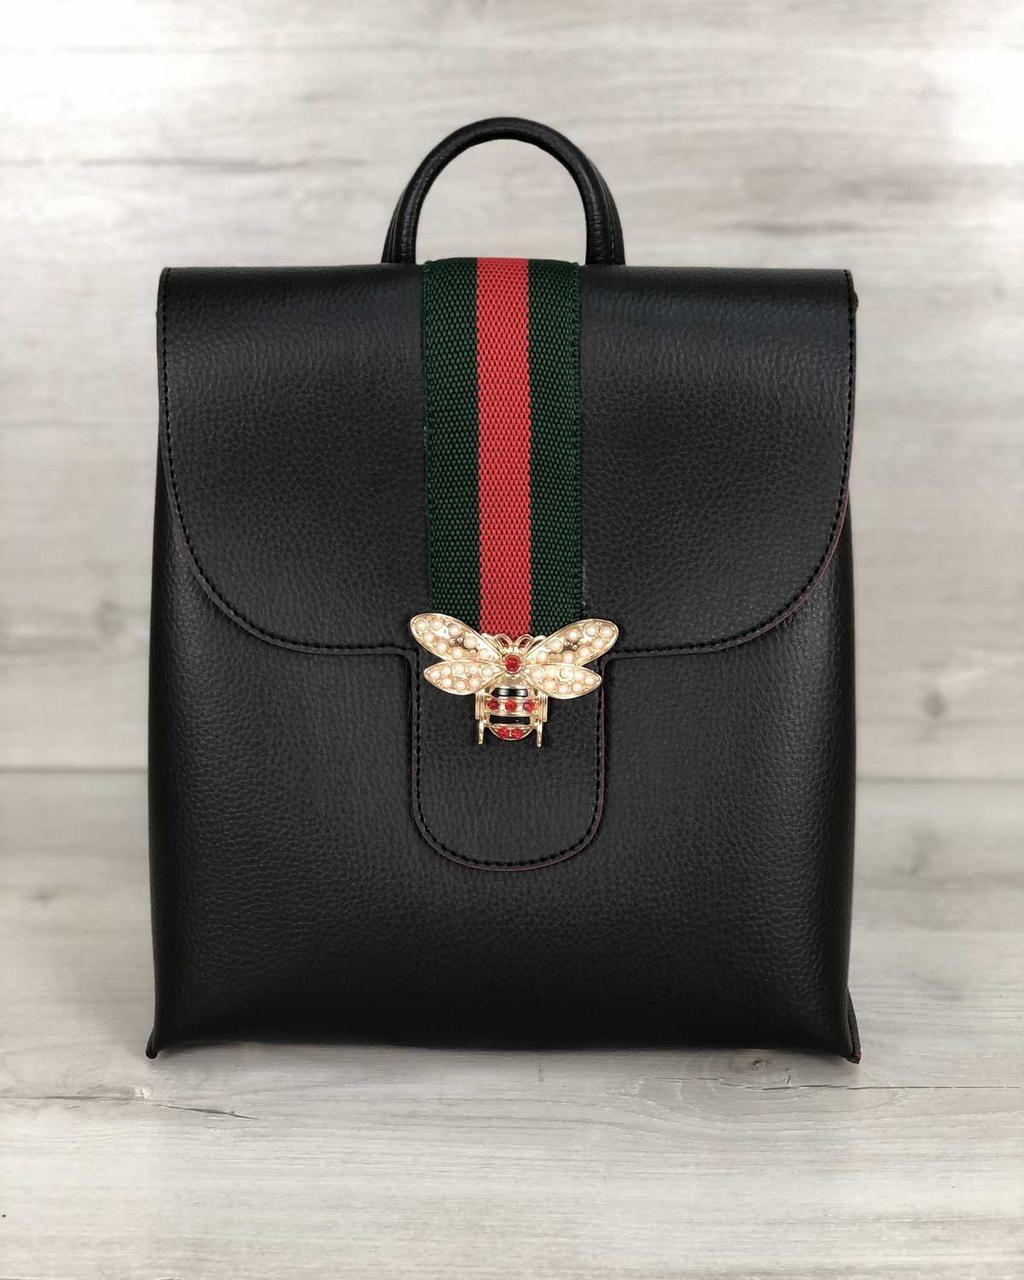 Чорний рюкзак міський жіночий модний з бджолою